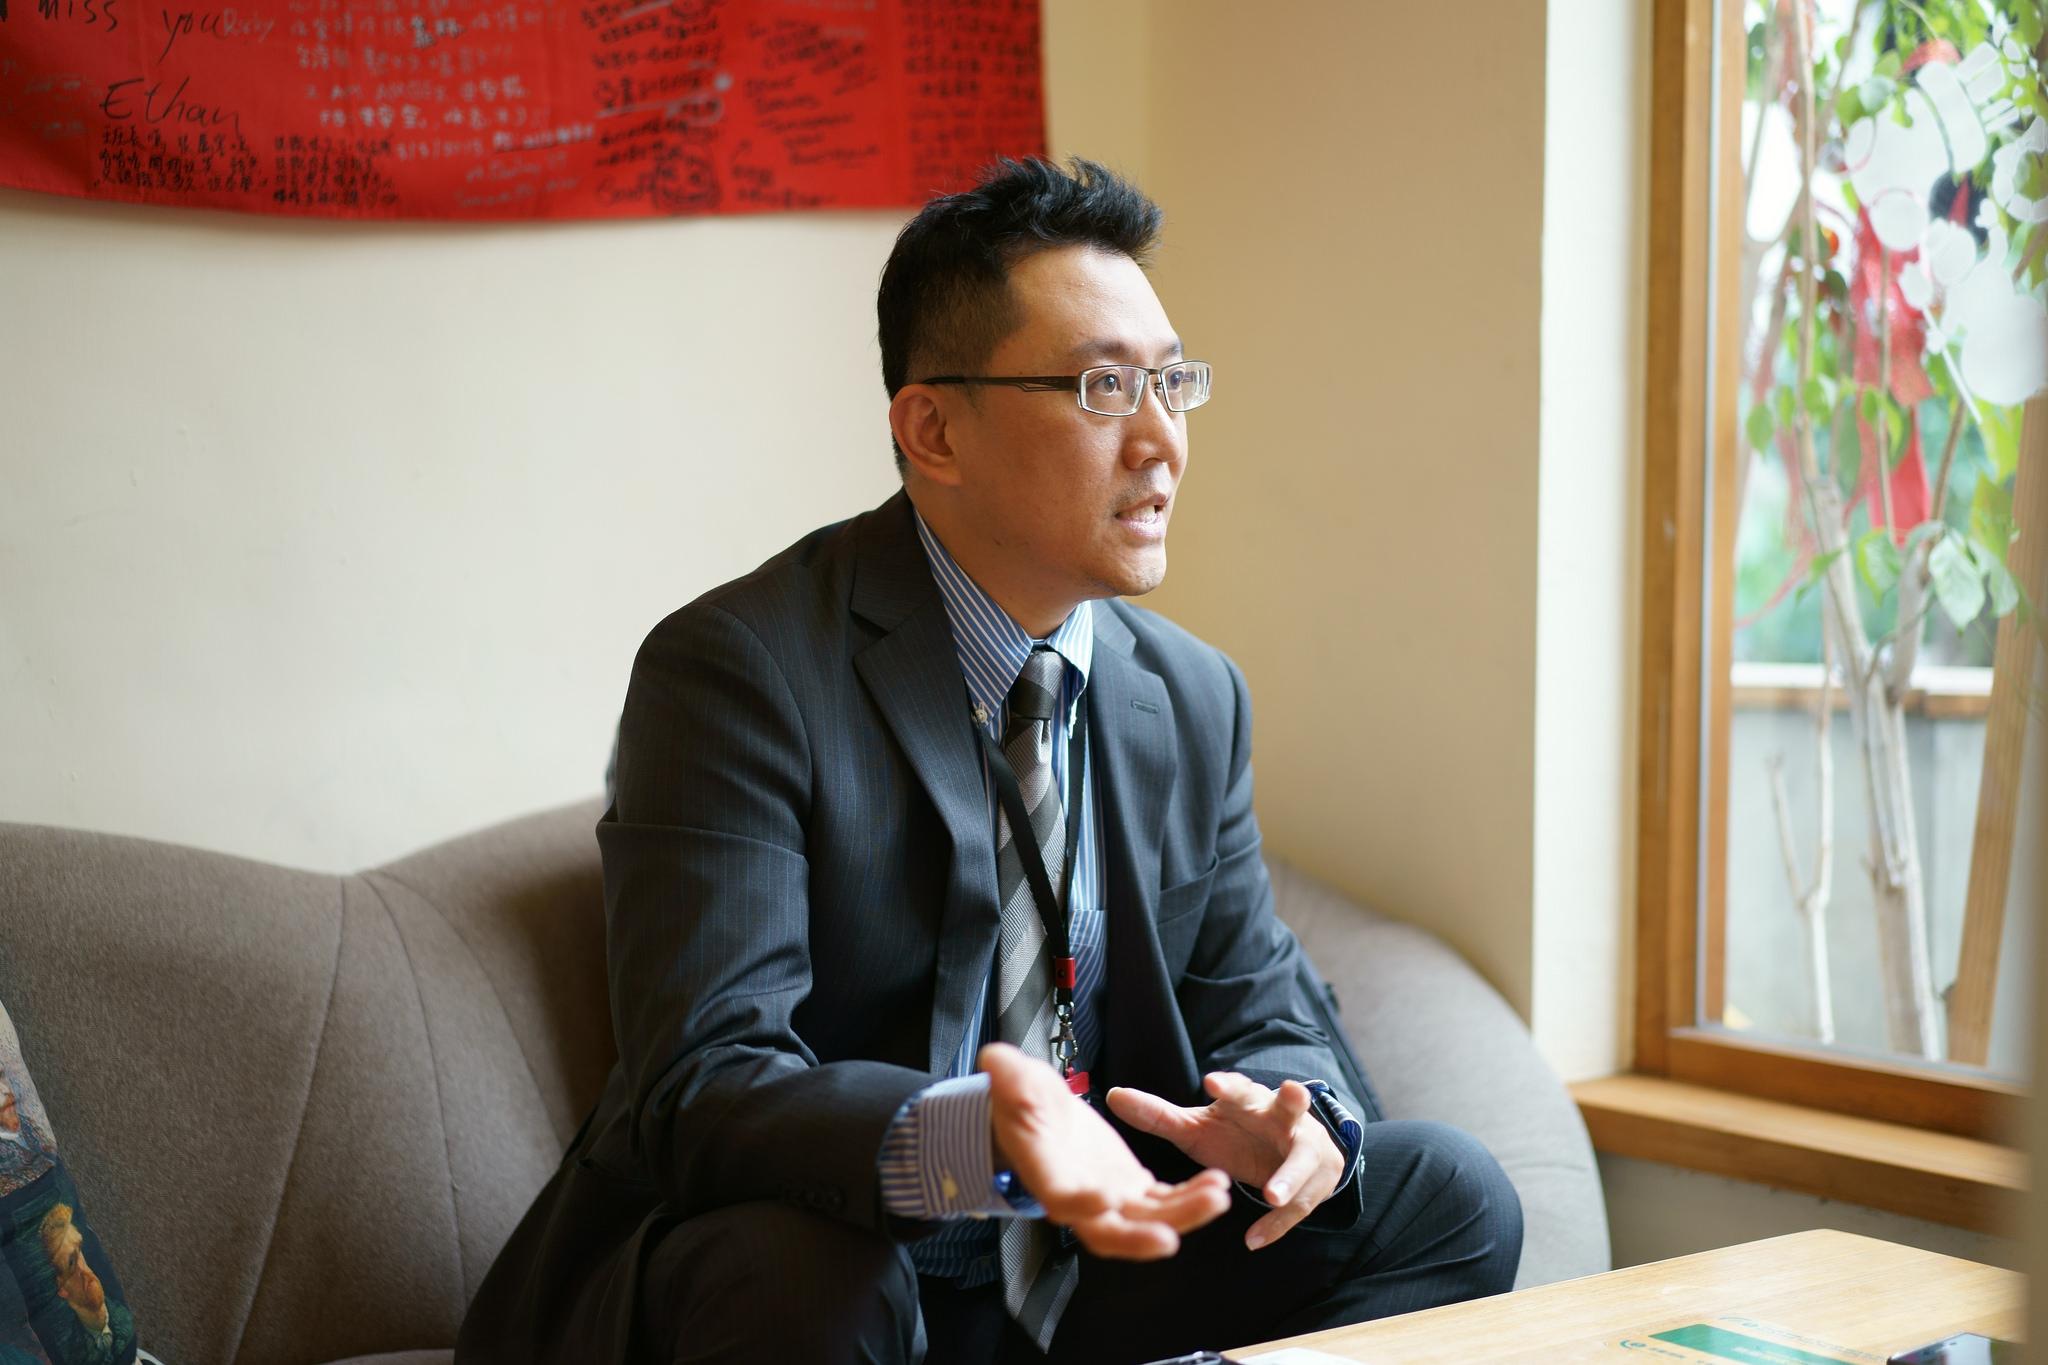 【生活誌專訪】CSR跨界策展人-Steven蔡承璋。想脫穎而出,不怕改變是關鍵!